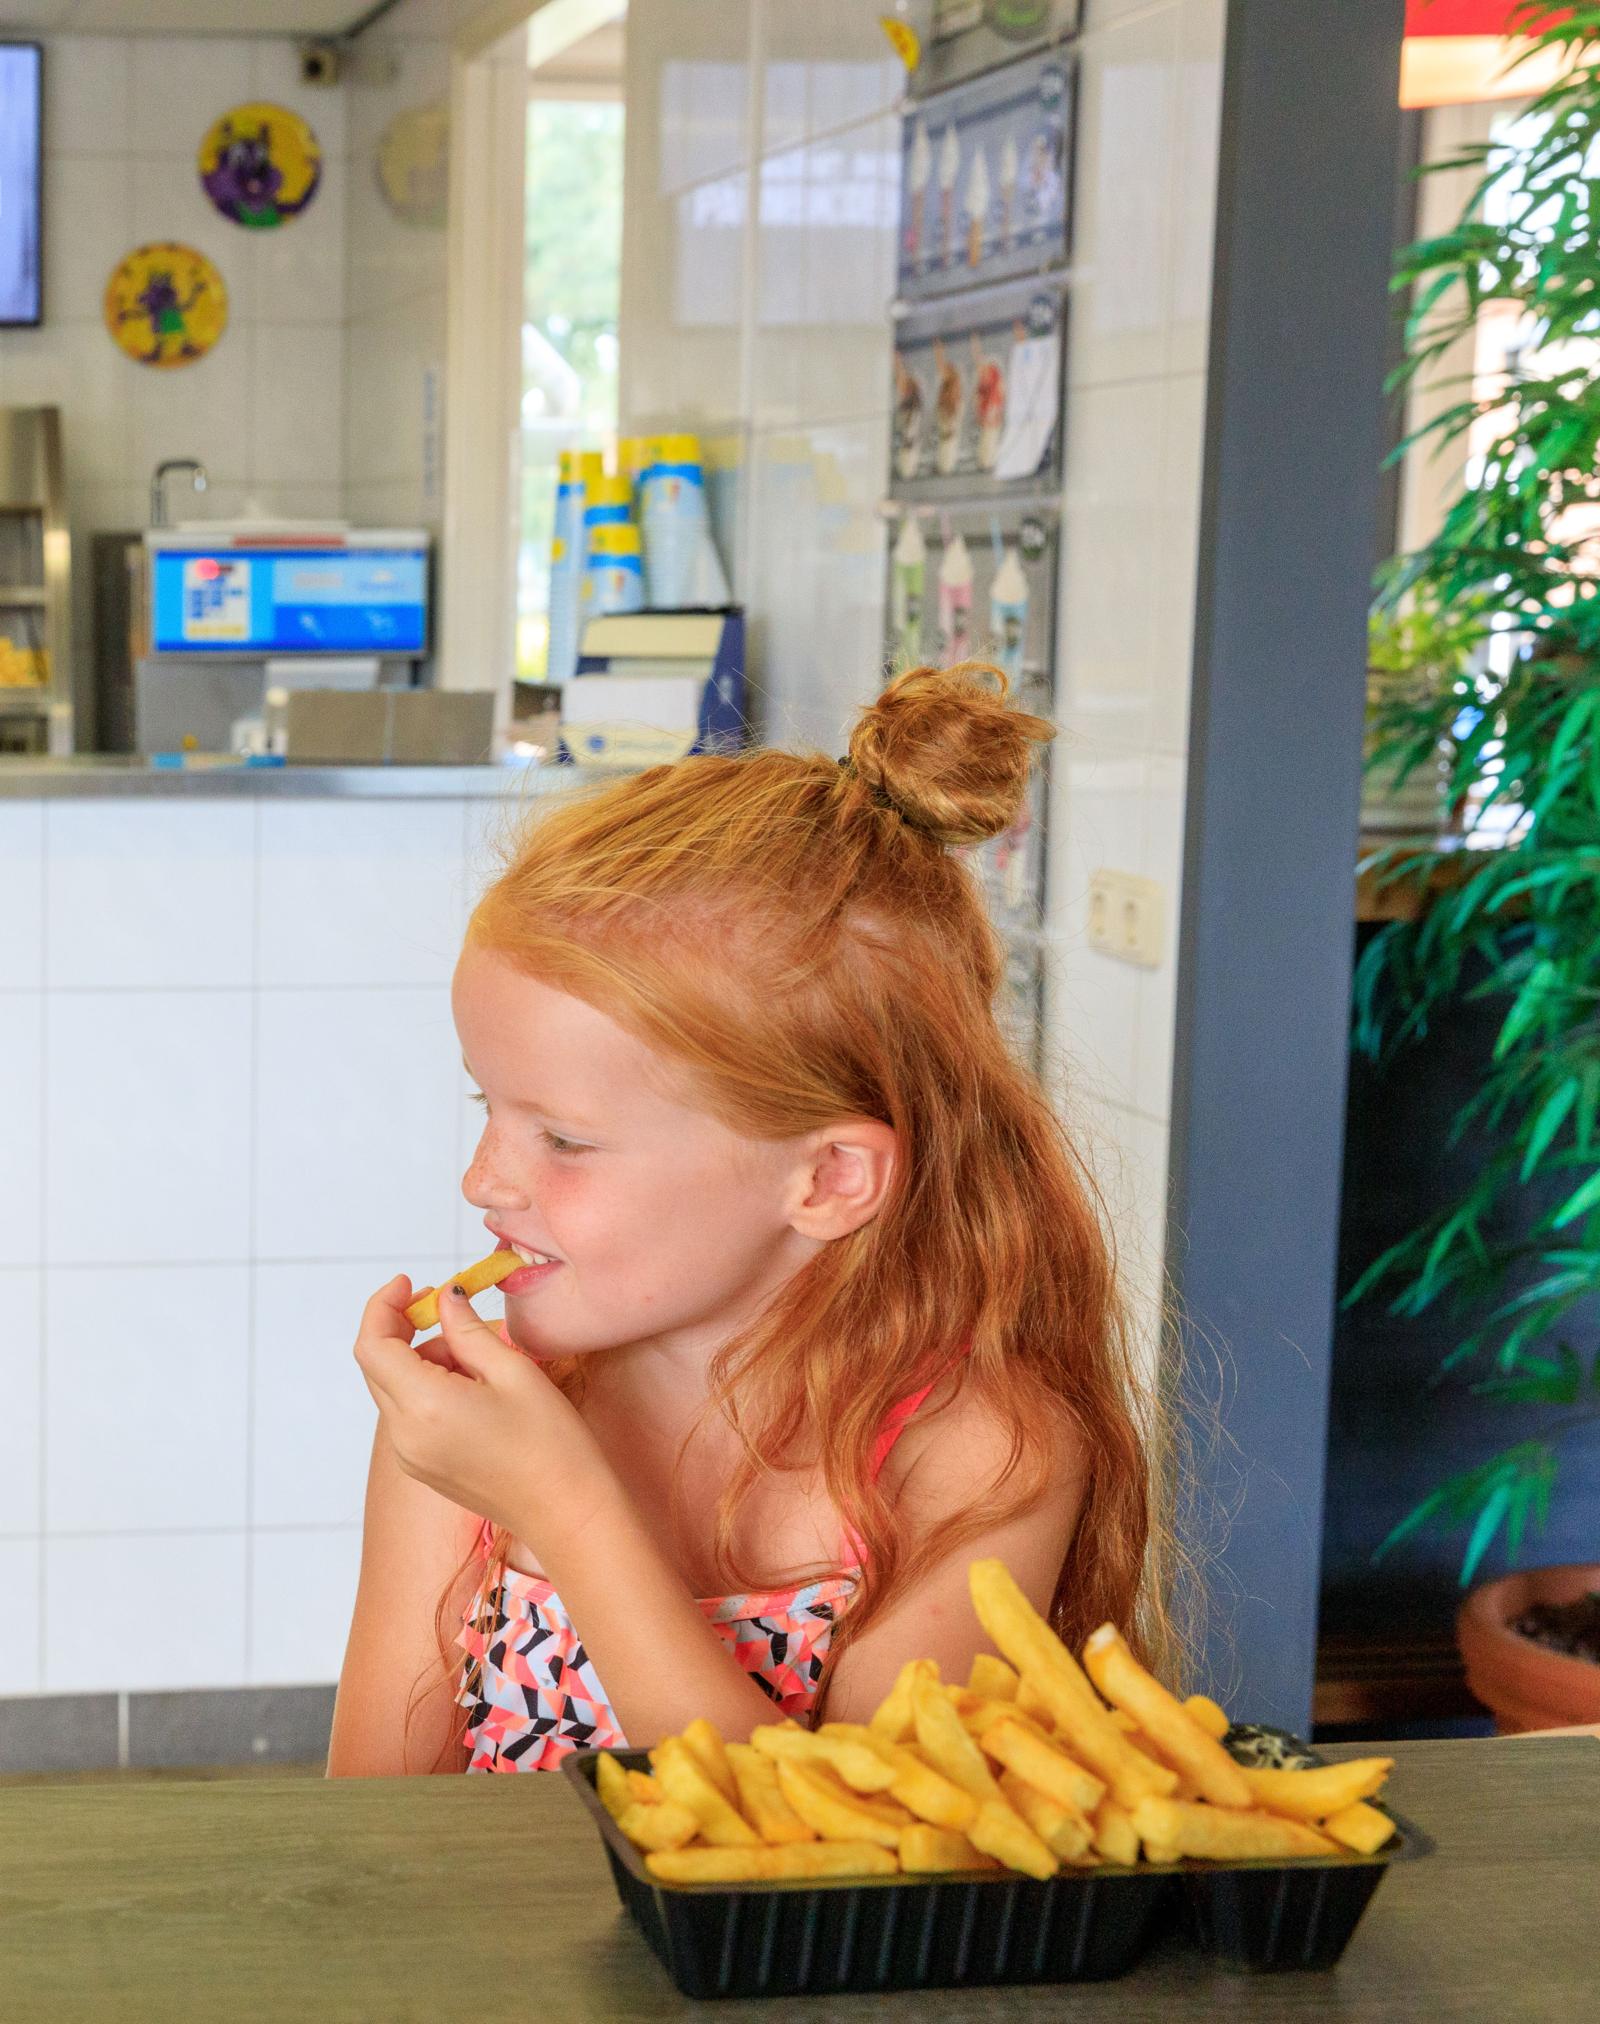 Snackbar Vollehove, Verse patat, verse friet, snackbar, Vollenhove, kind die een patatje eet.